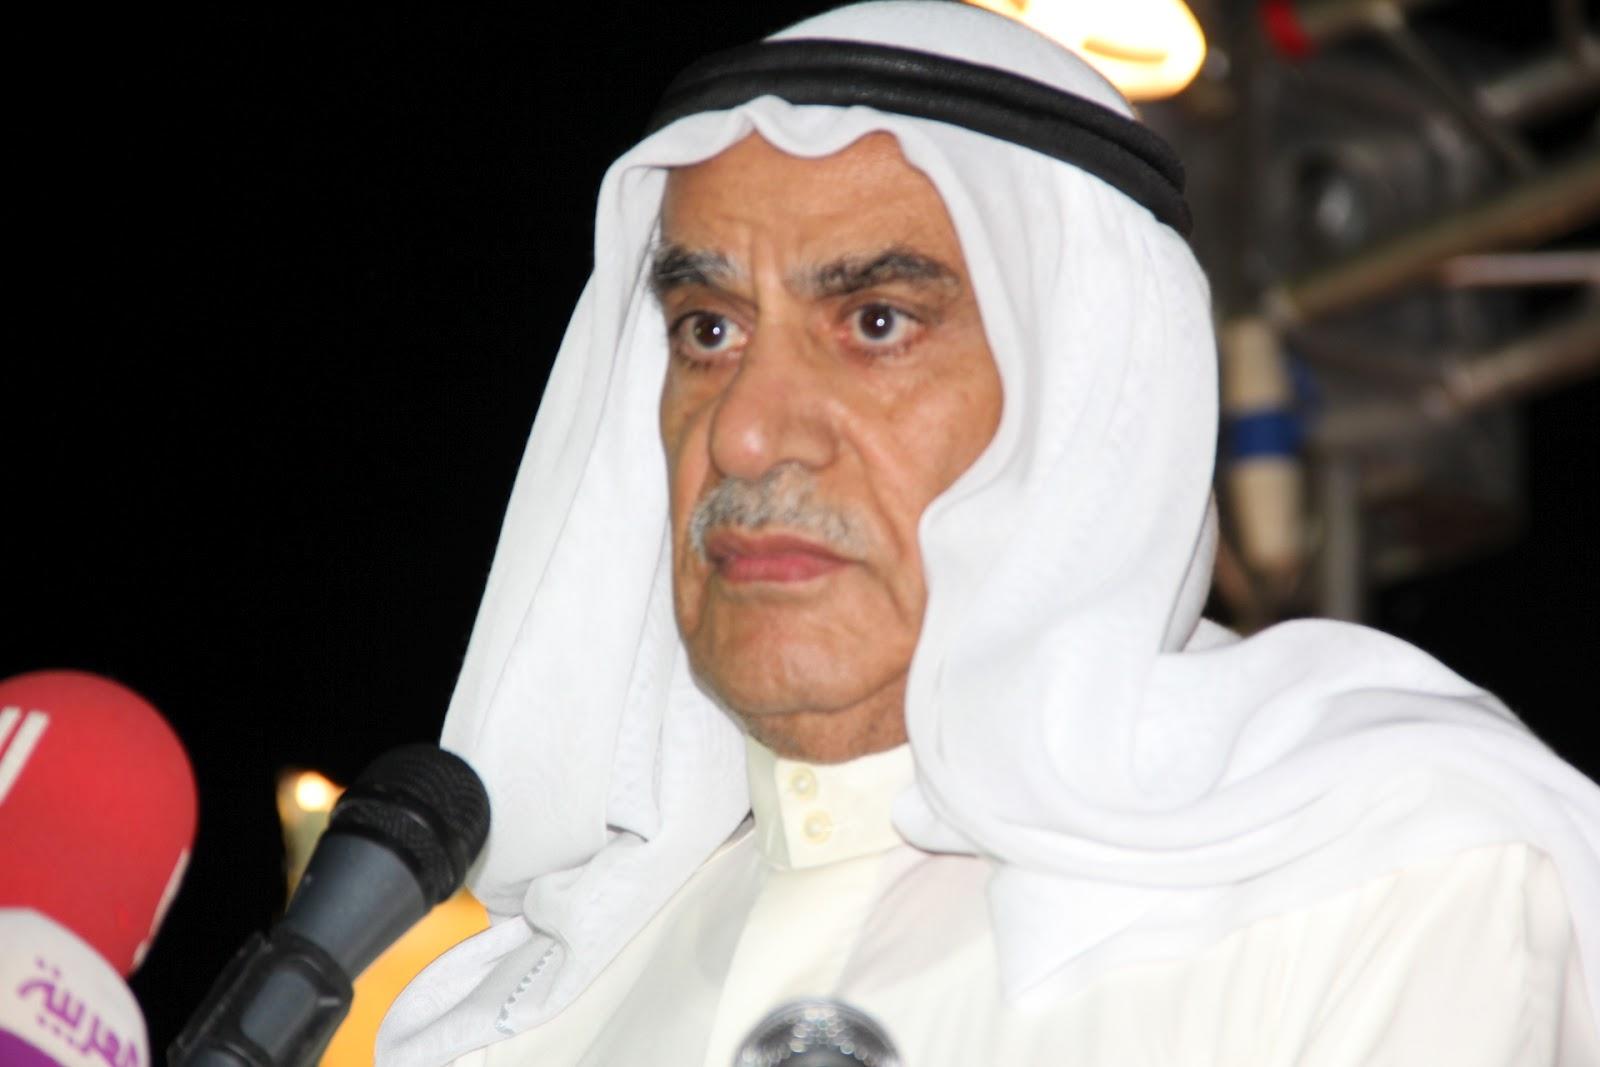 نشأة السياسي أحمد السعدون ورحلته مع الرياضة :